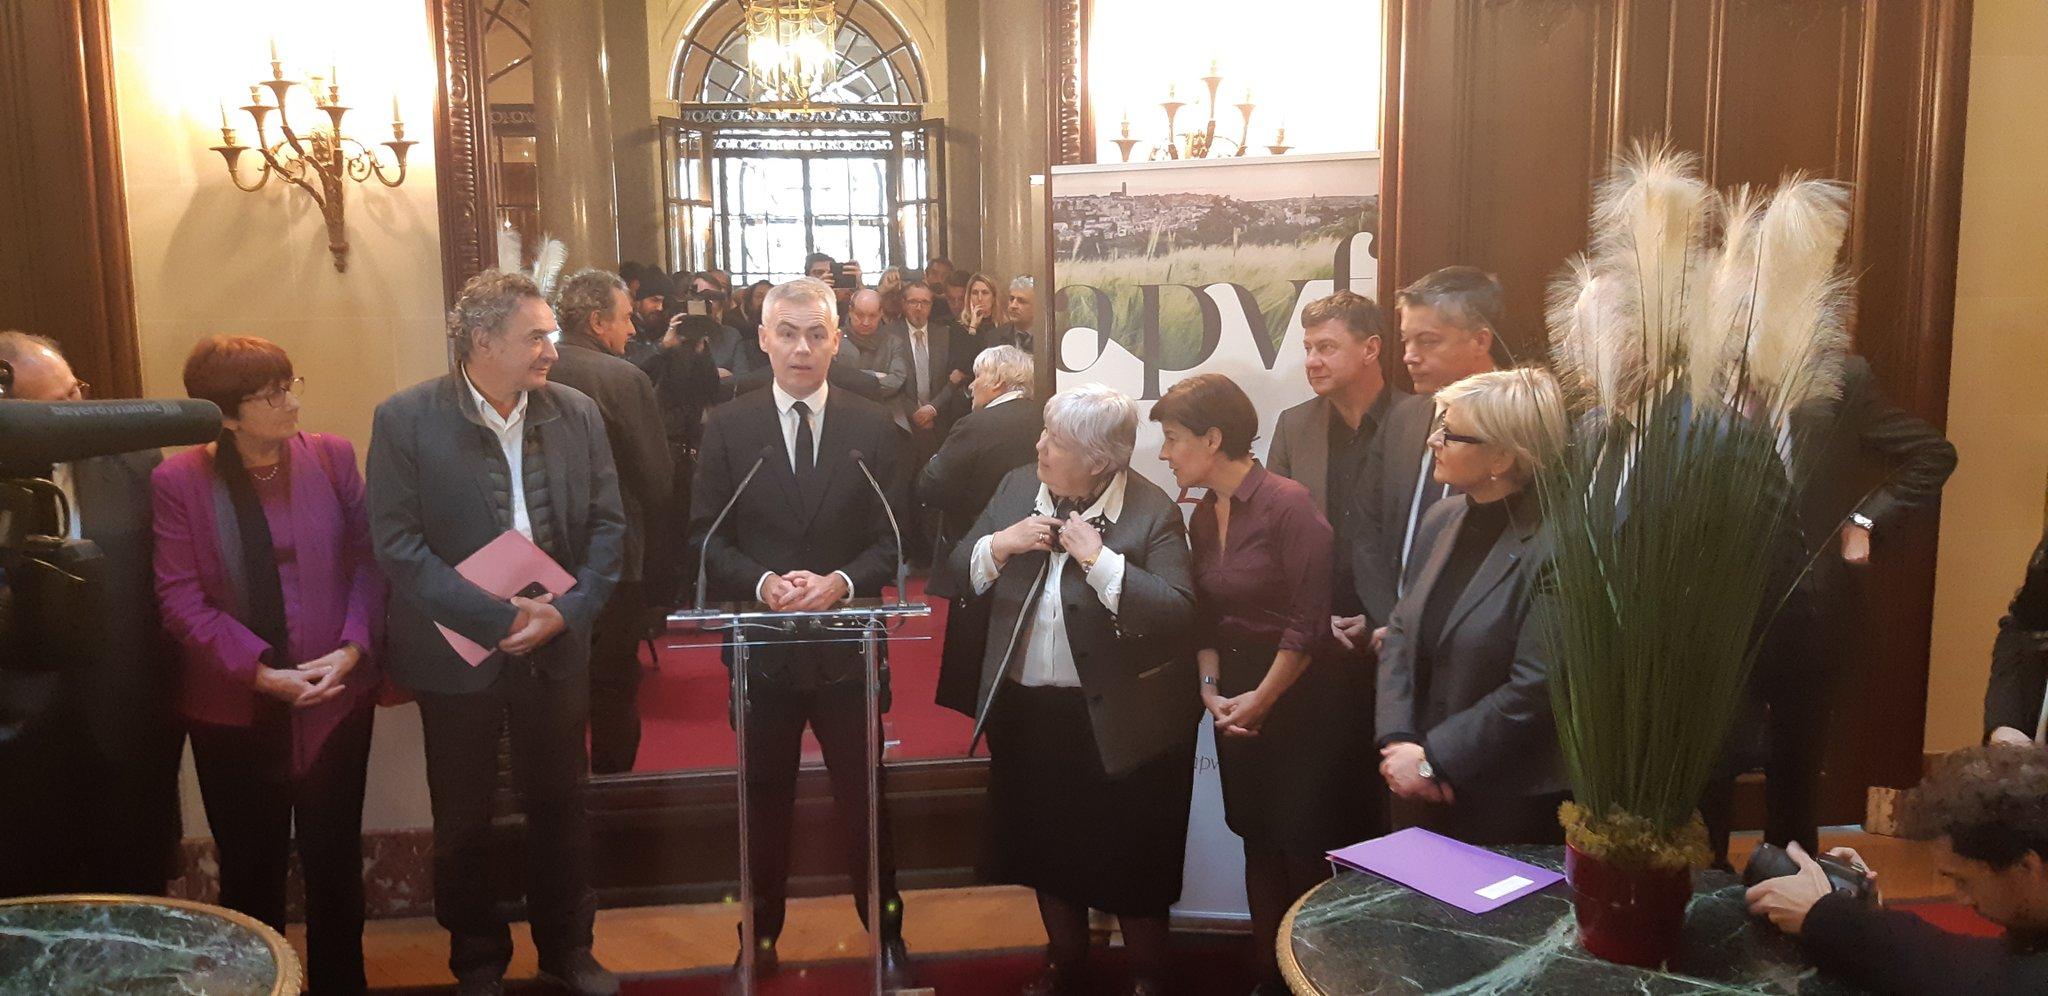 L'APVF présente ses vœux à ses partenaires en présence de Jacqueline Gourault et d'Olivier Dussopt